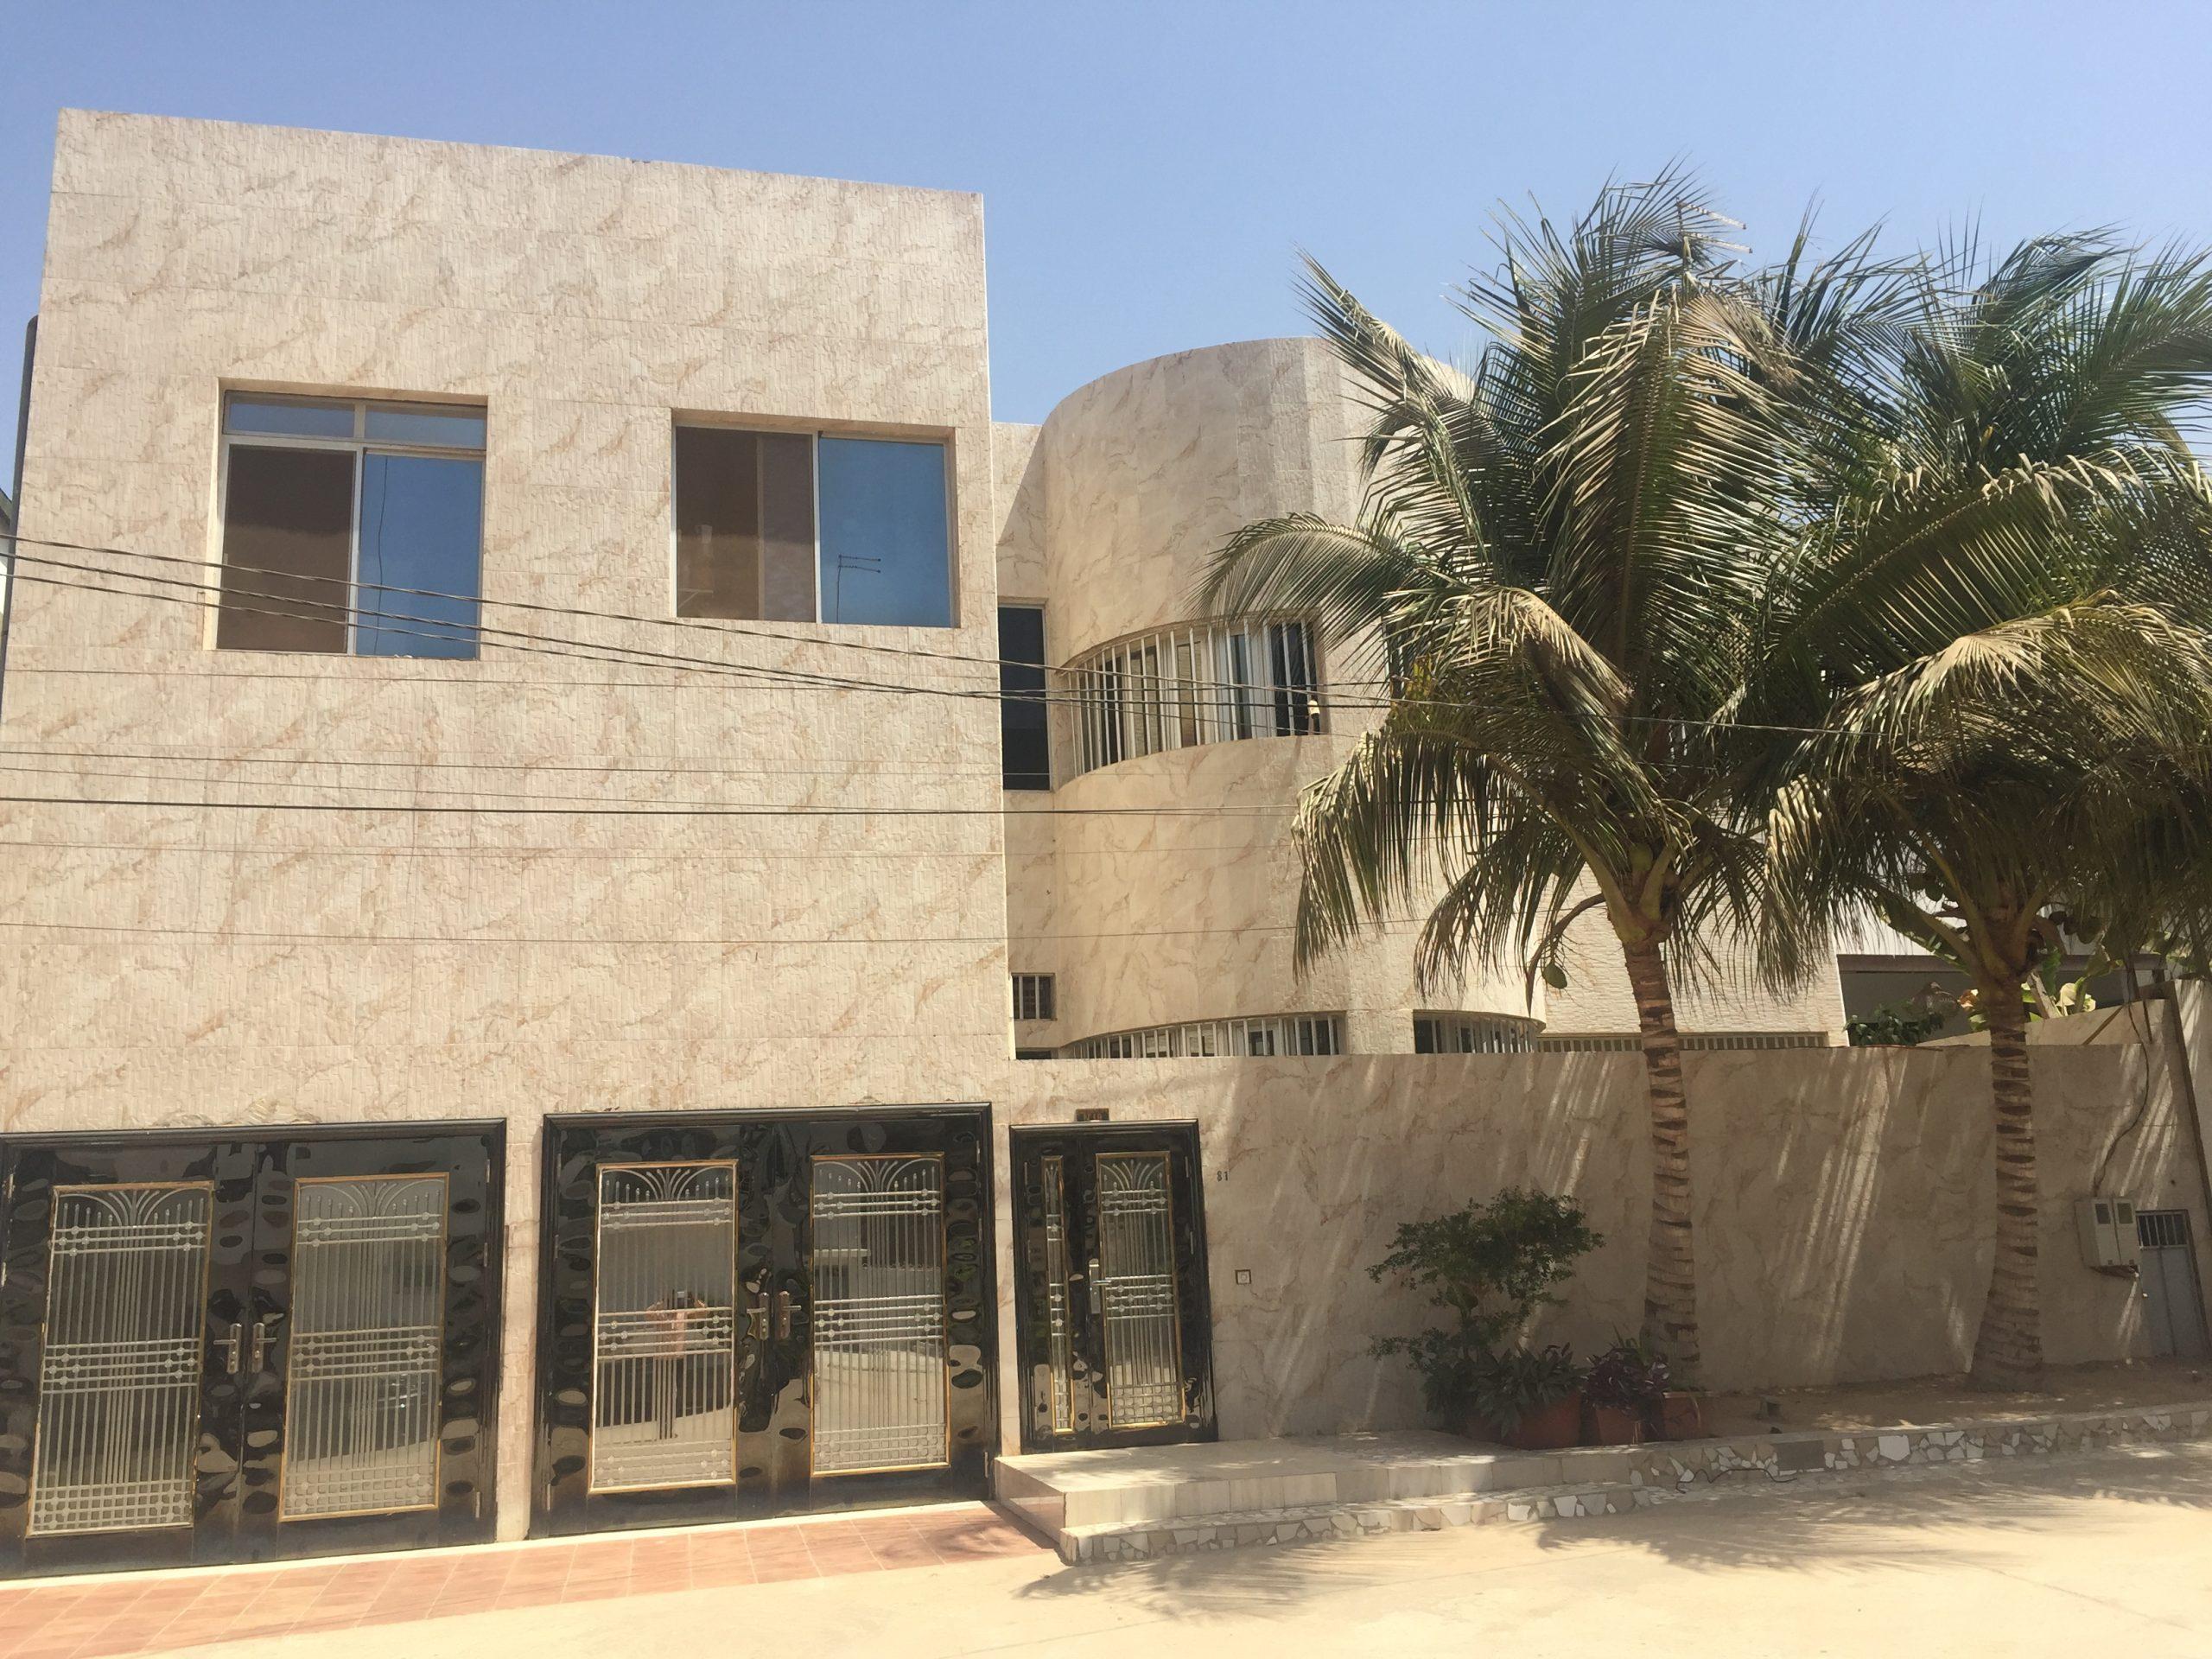 Maison à louer Dakar Mamelles